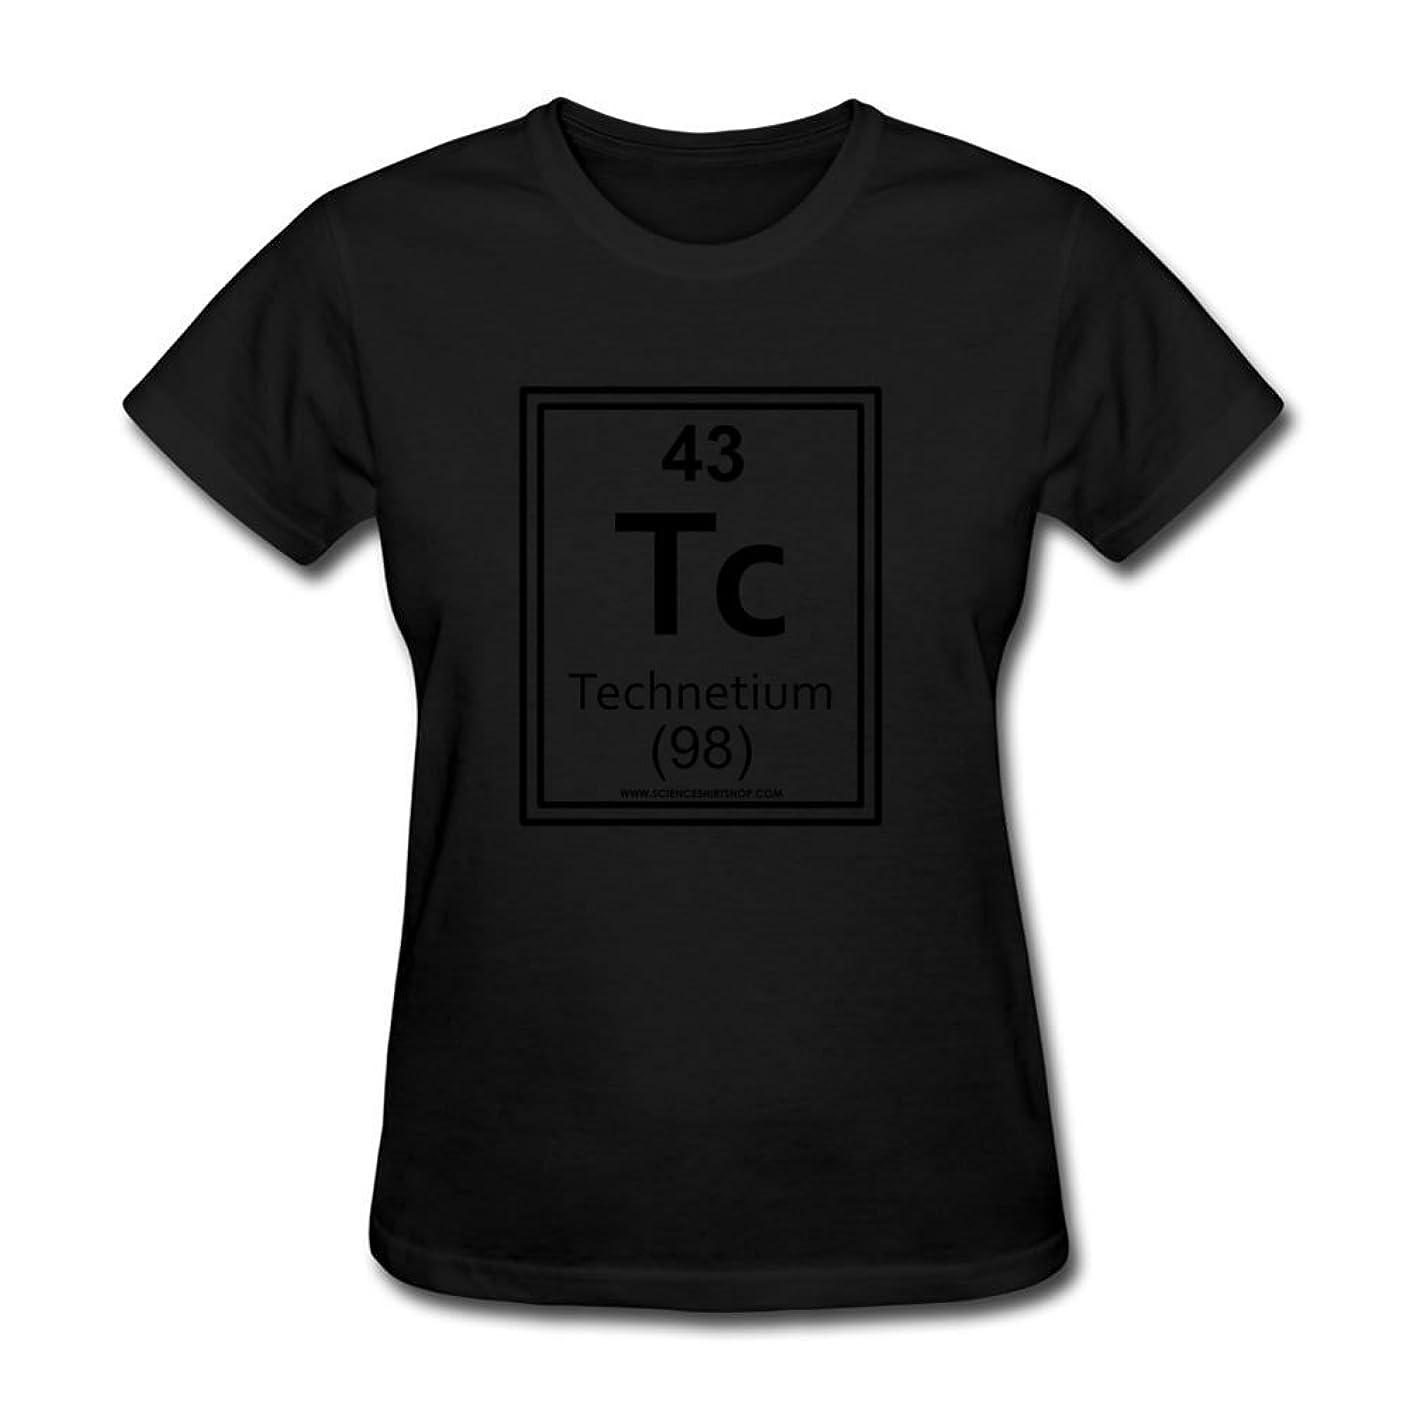 Van Adkins Casual 043 Technetium T-Shirt Color Size Women